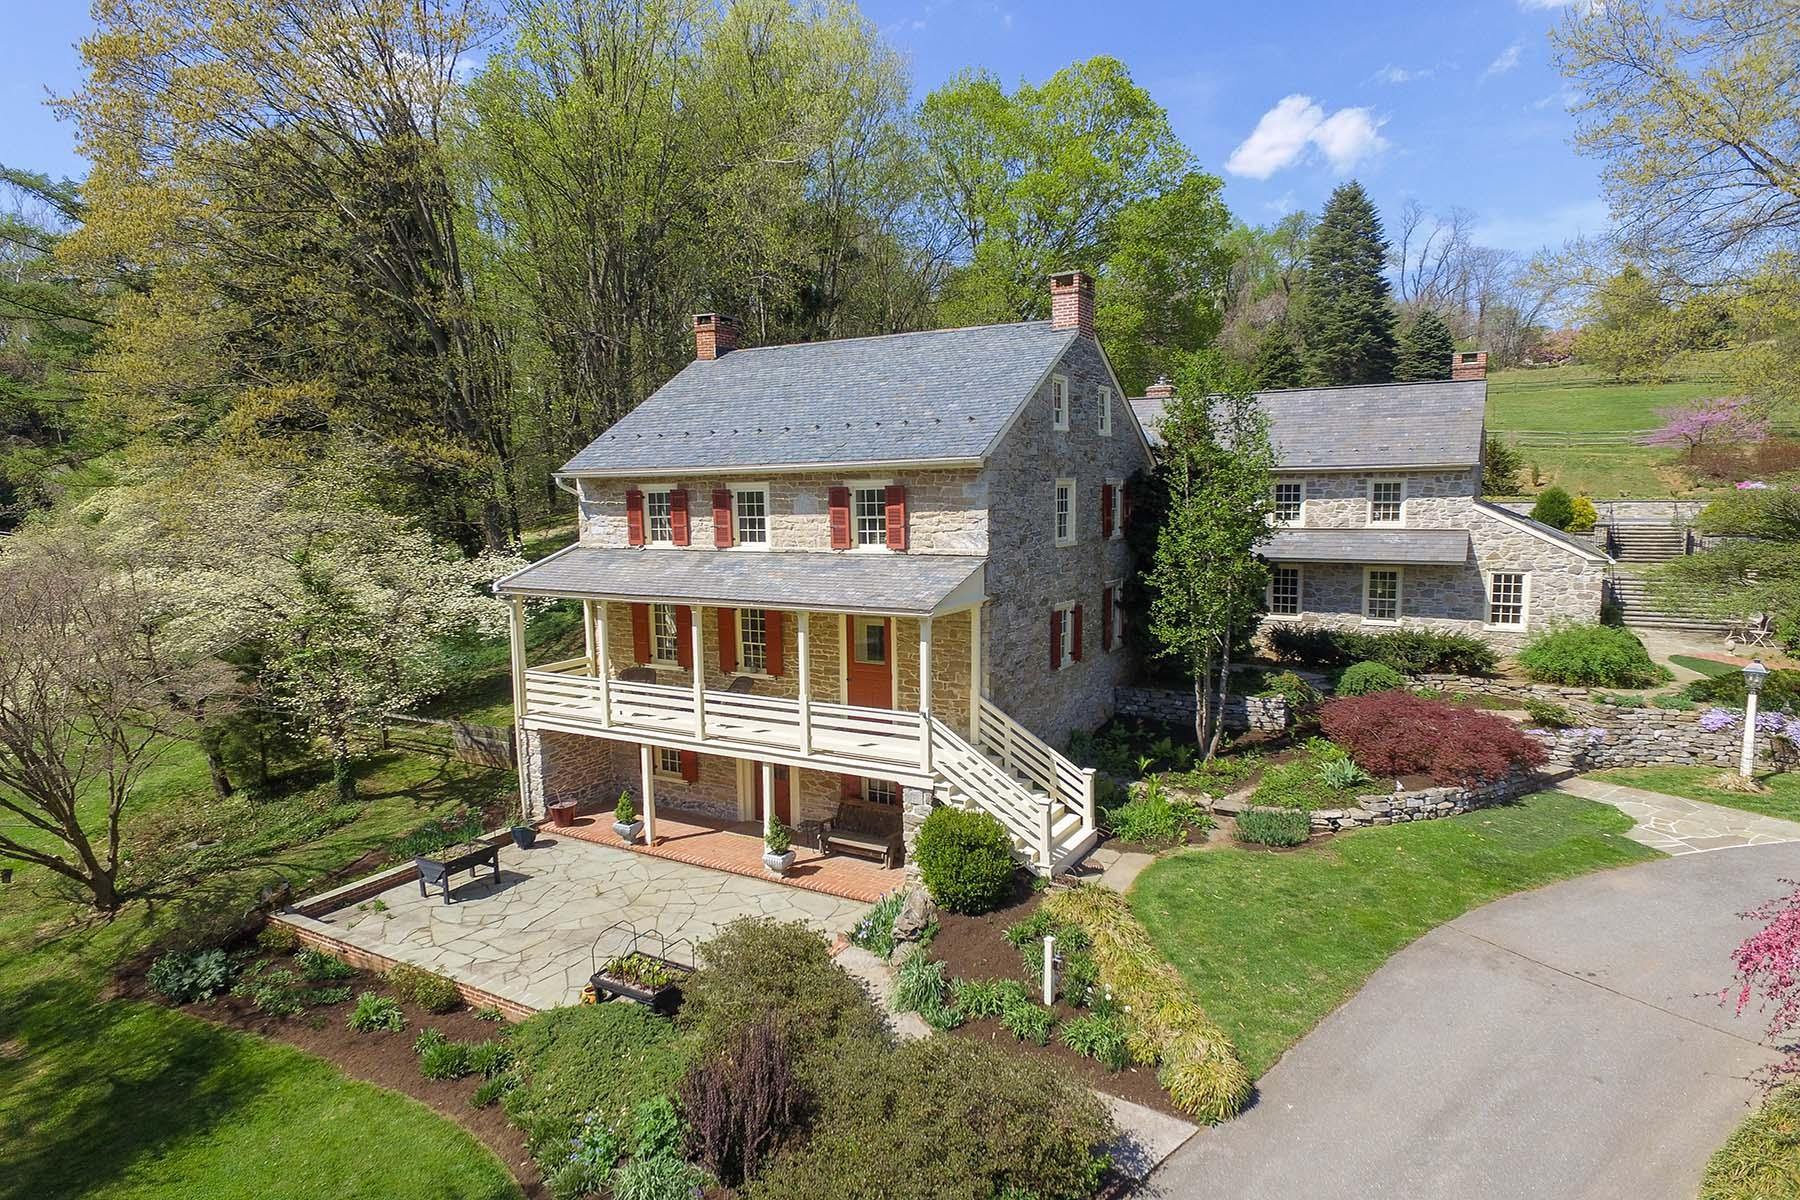 独户住宅 为 销售 在 85 Spring Run Road 康尼斯多加, 宾夕法尼亚州 17516 美国